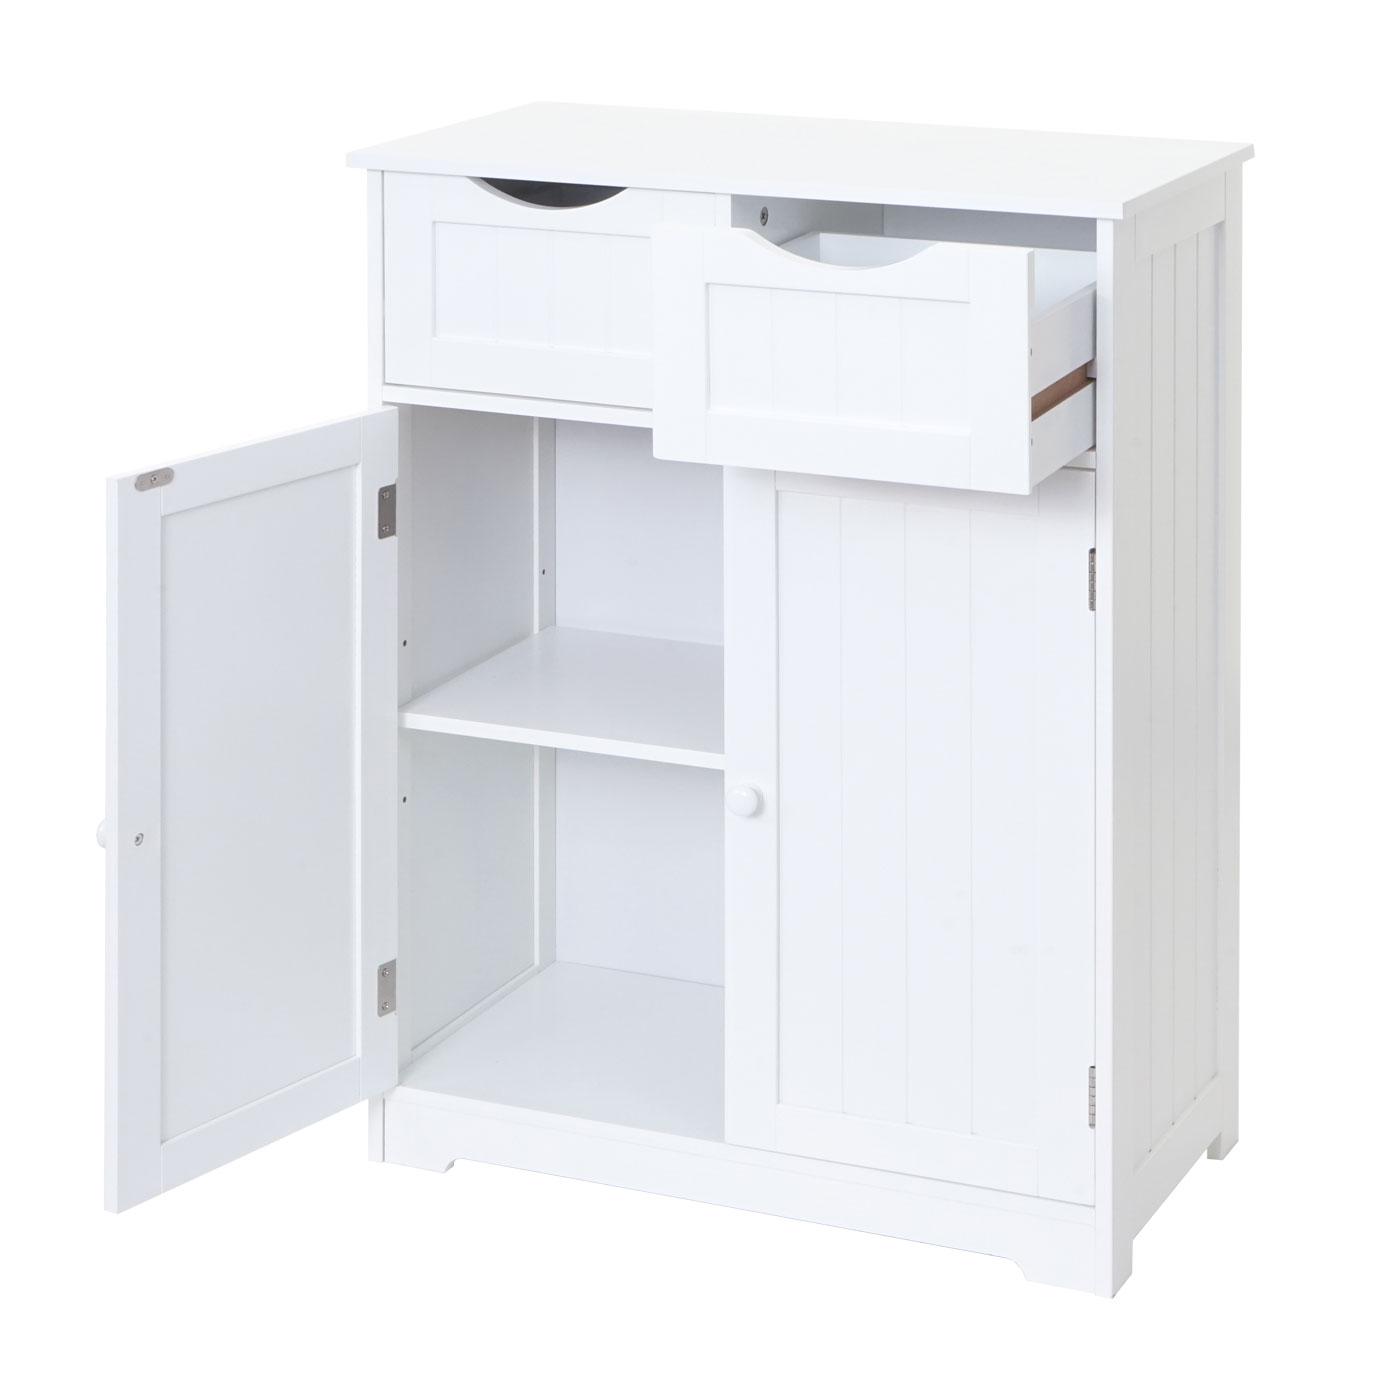 Kommode HWC-B65 Gesamtansicht Schublade und Türe geöffnet